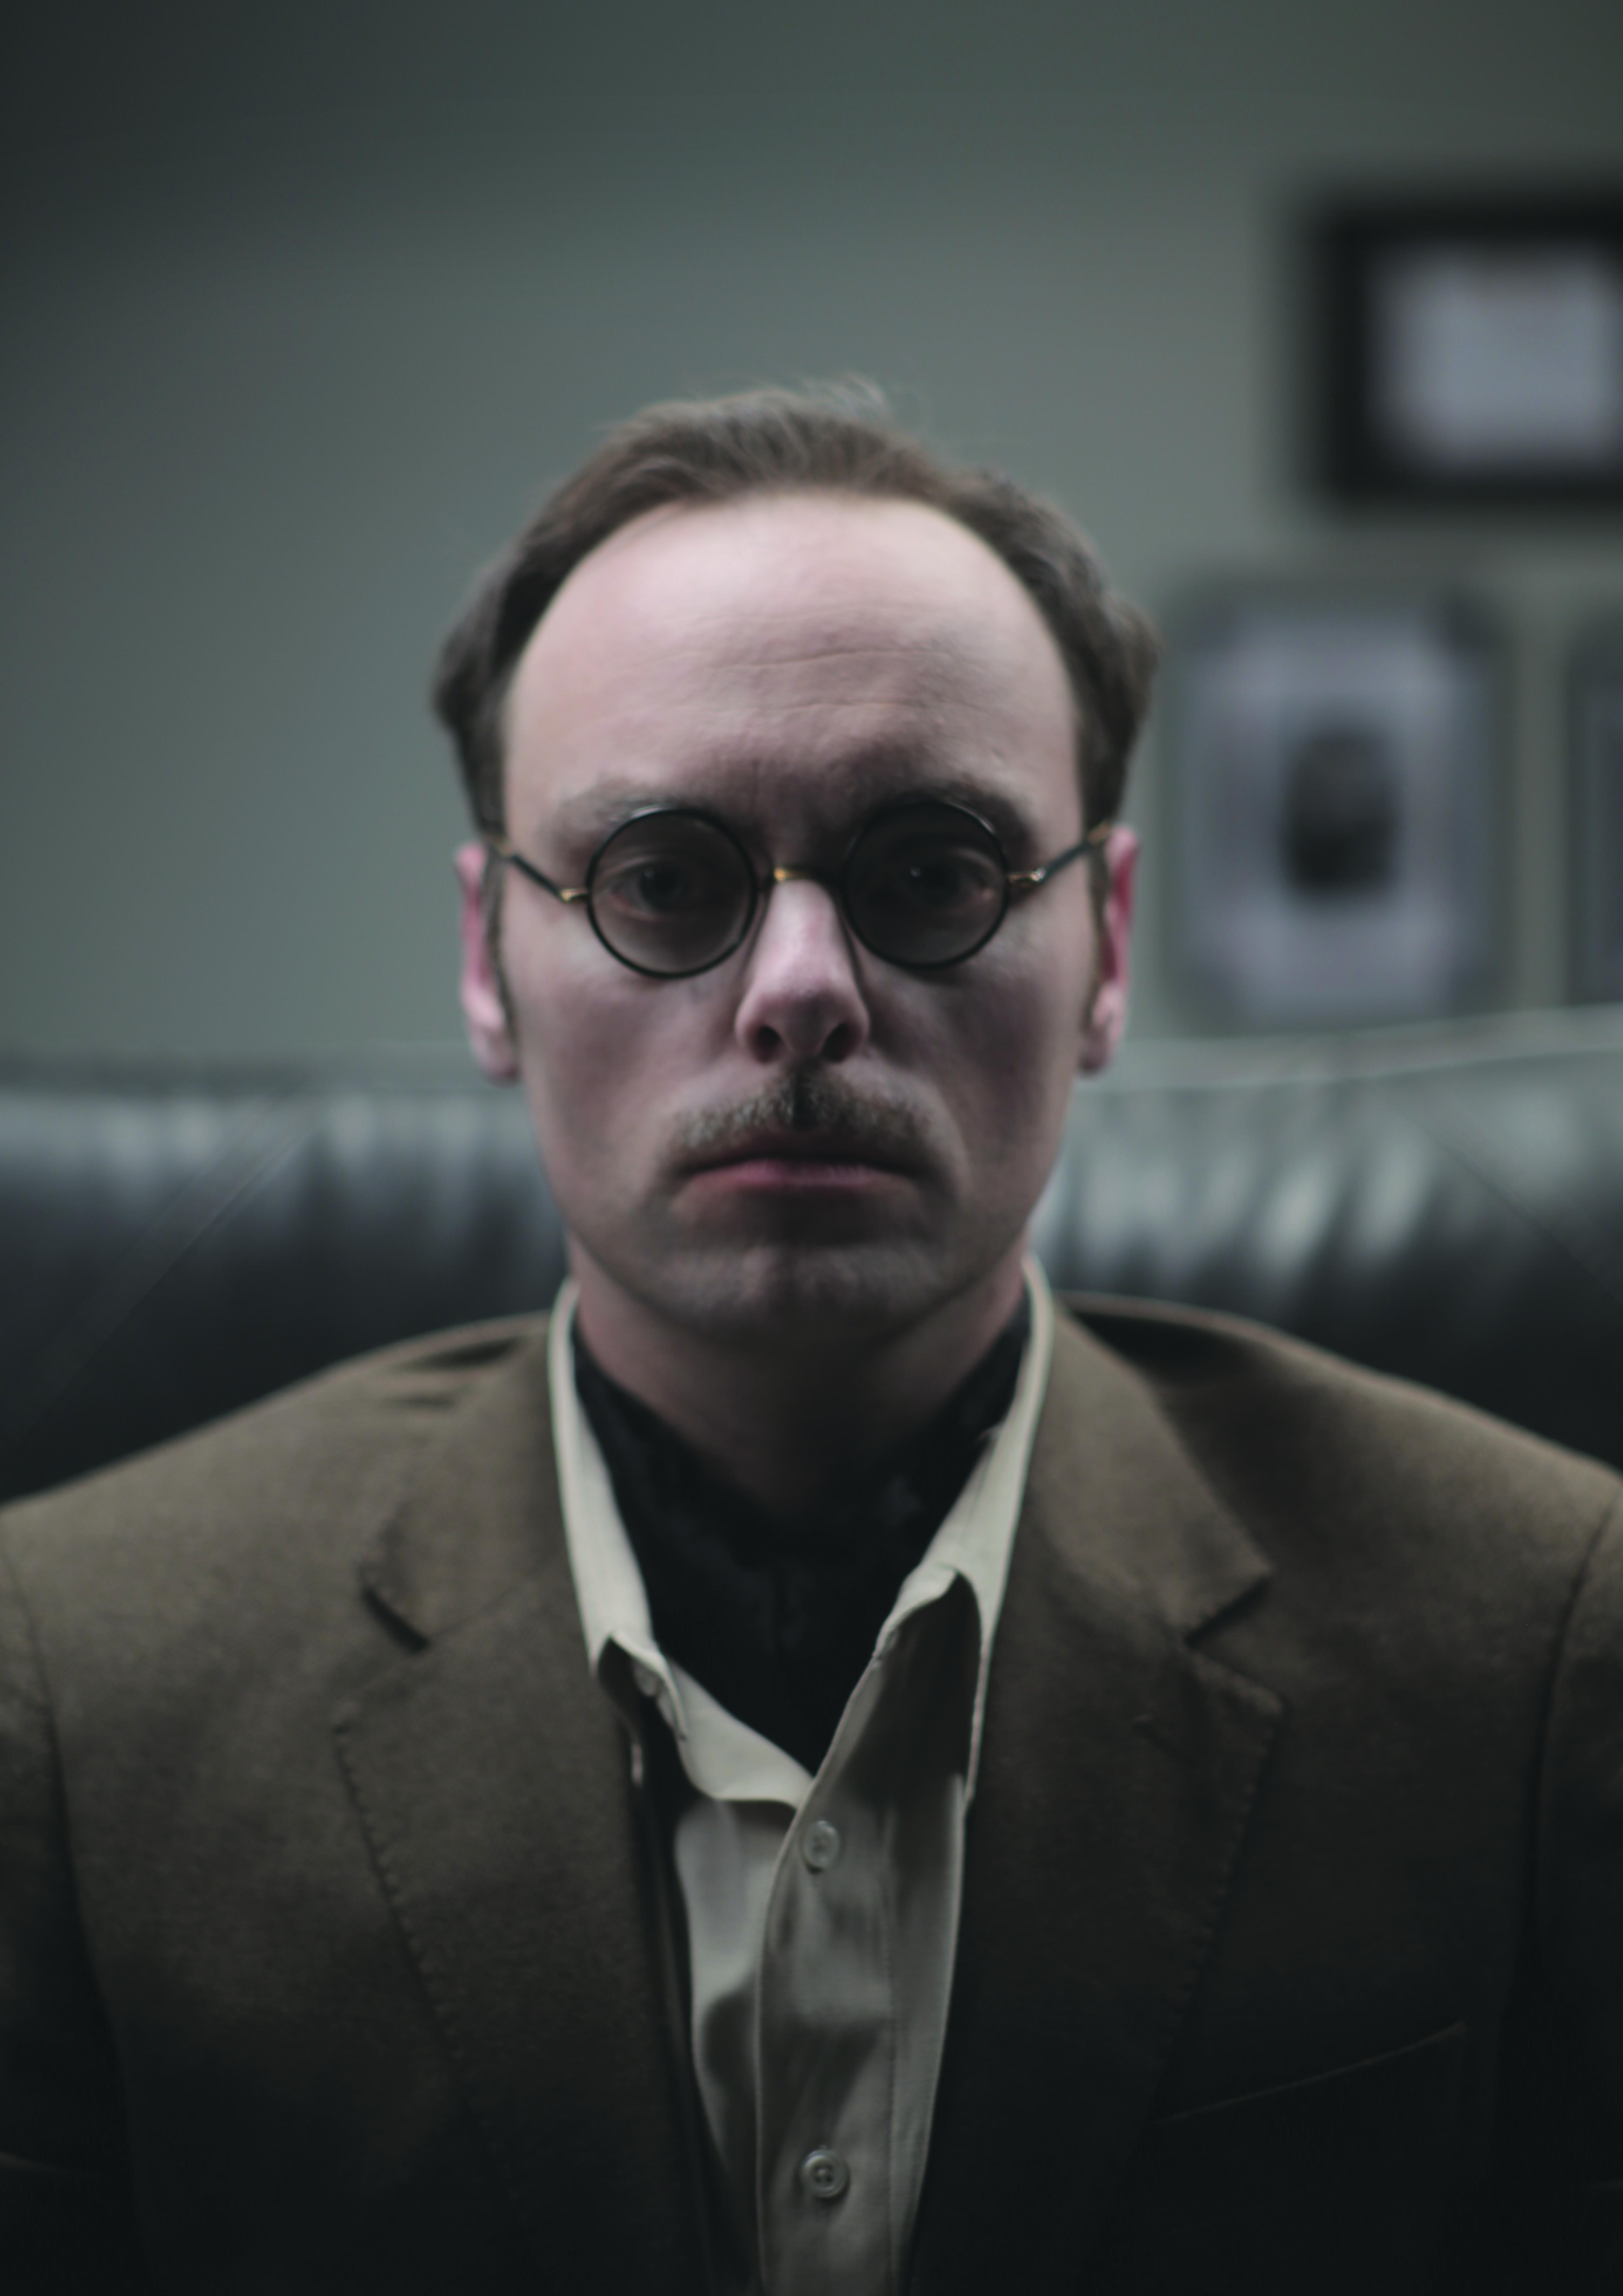 ThePsychiatrist